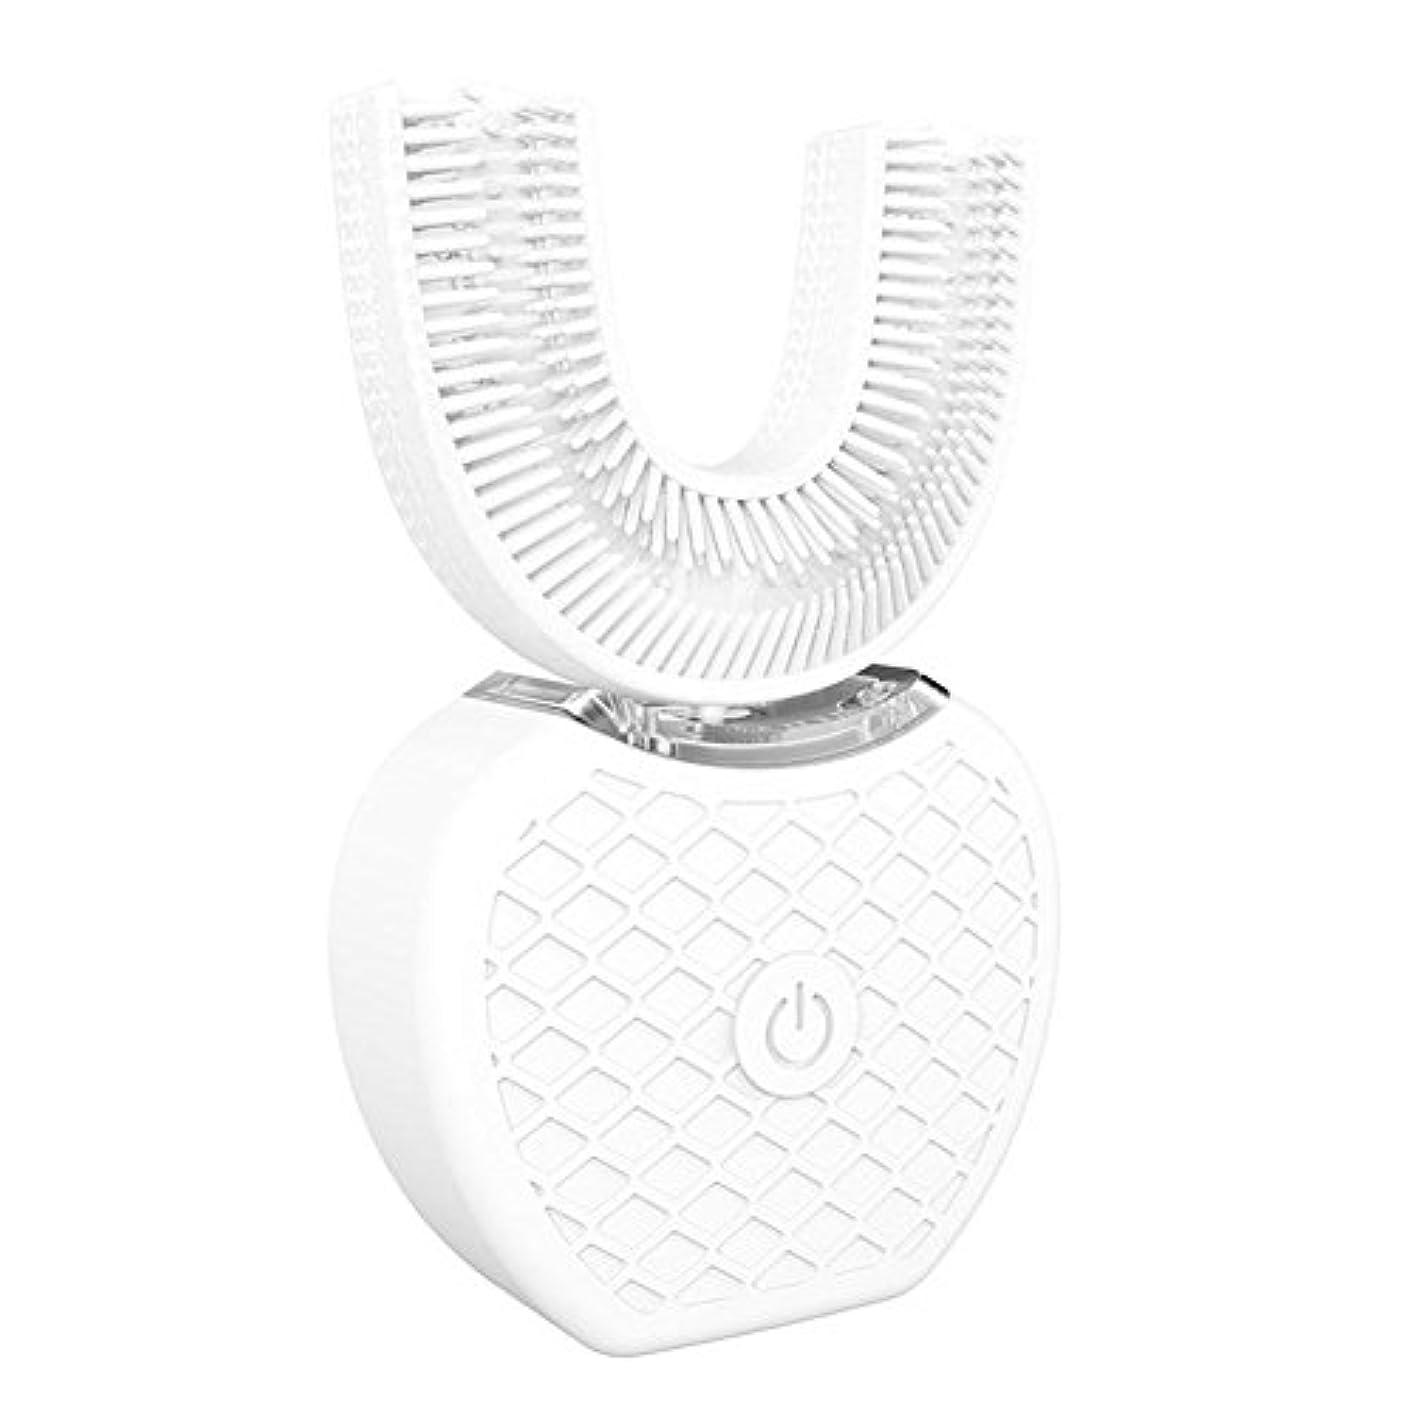 良さ郵便局消化【Cheng-store】自動周波数超音波電動歯ブラシ360° 怠惰な歯ブラシ白い歯の器具 自動ハンズフリー白色発光 ブラシヘッドをU字型4選択可能なモード